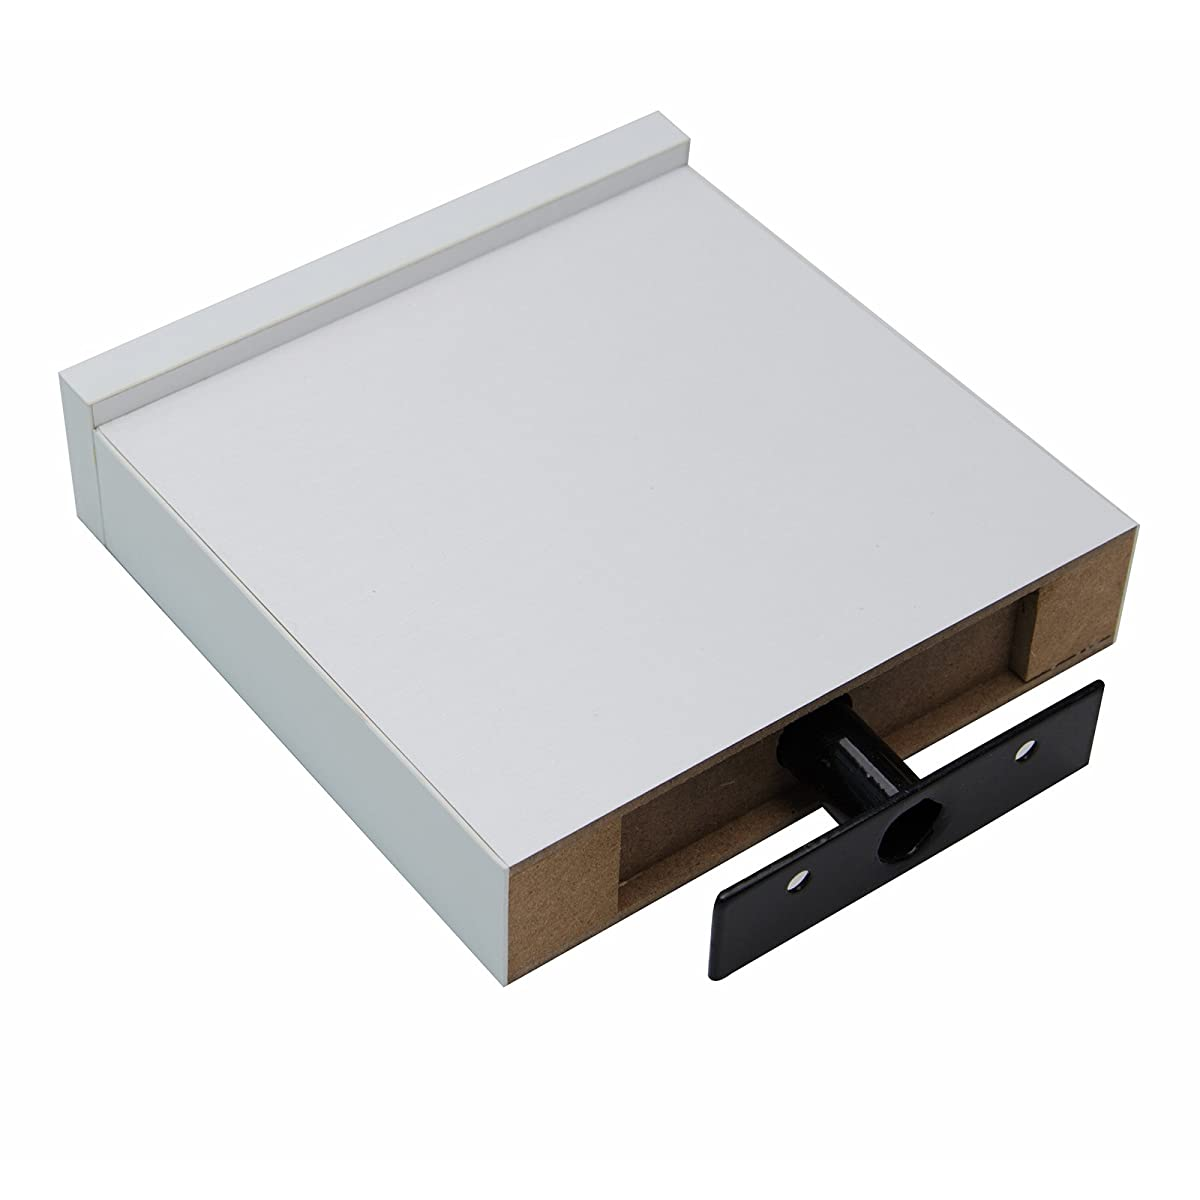 Coismo Set of 3 Multi length Floating Shelves, White